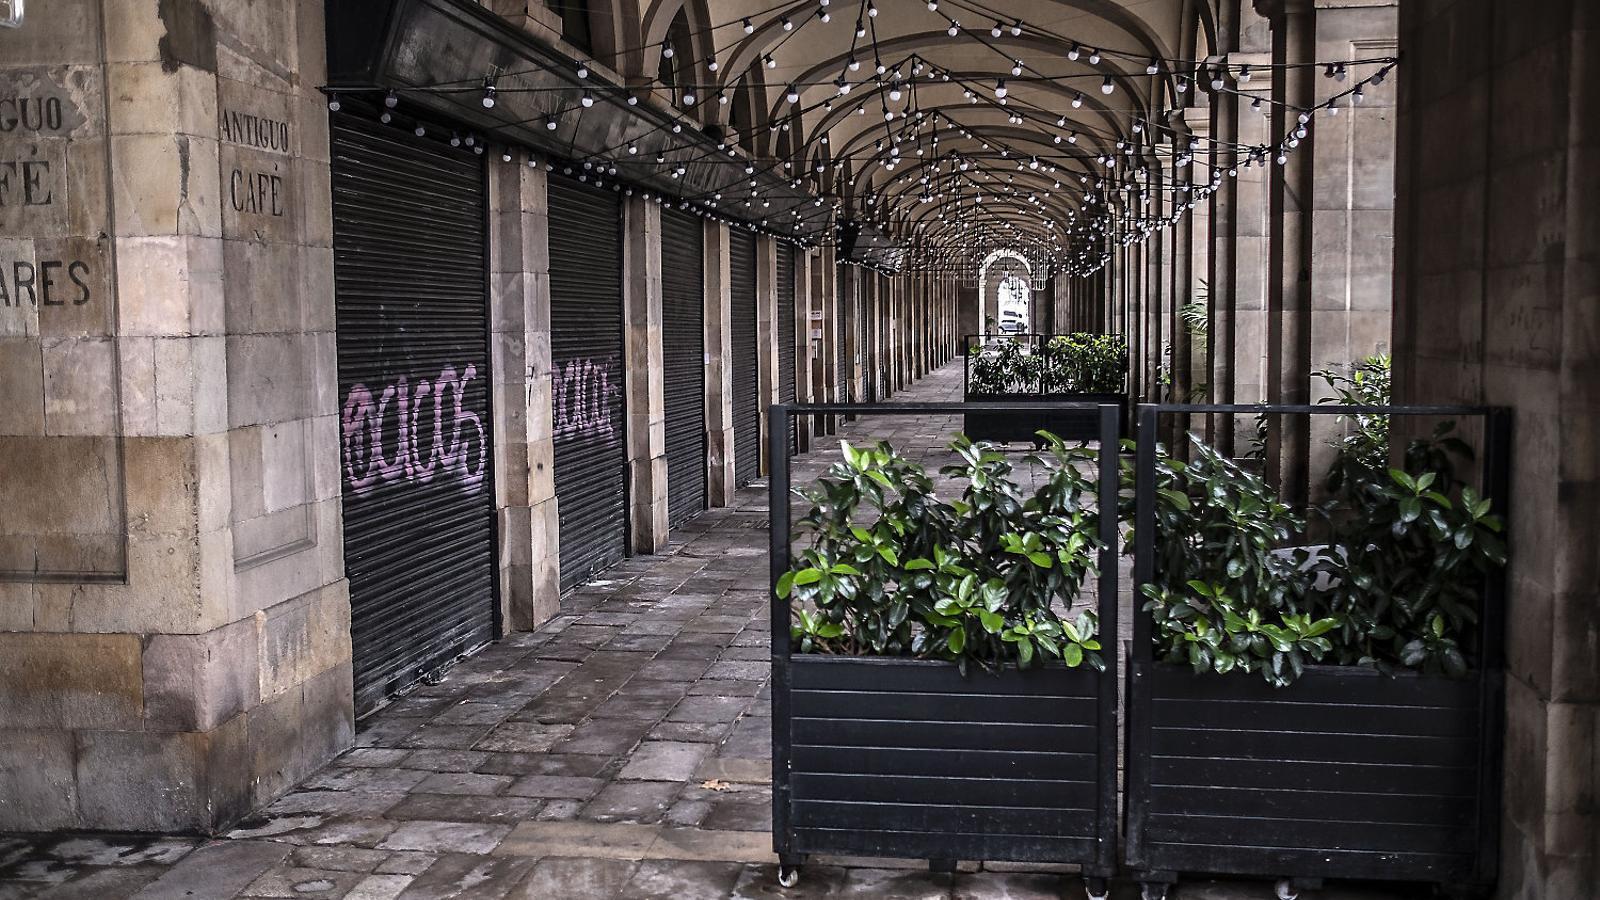 Negocis tancats a Ciutat Vella en una imarge recent.